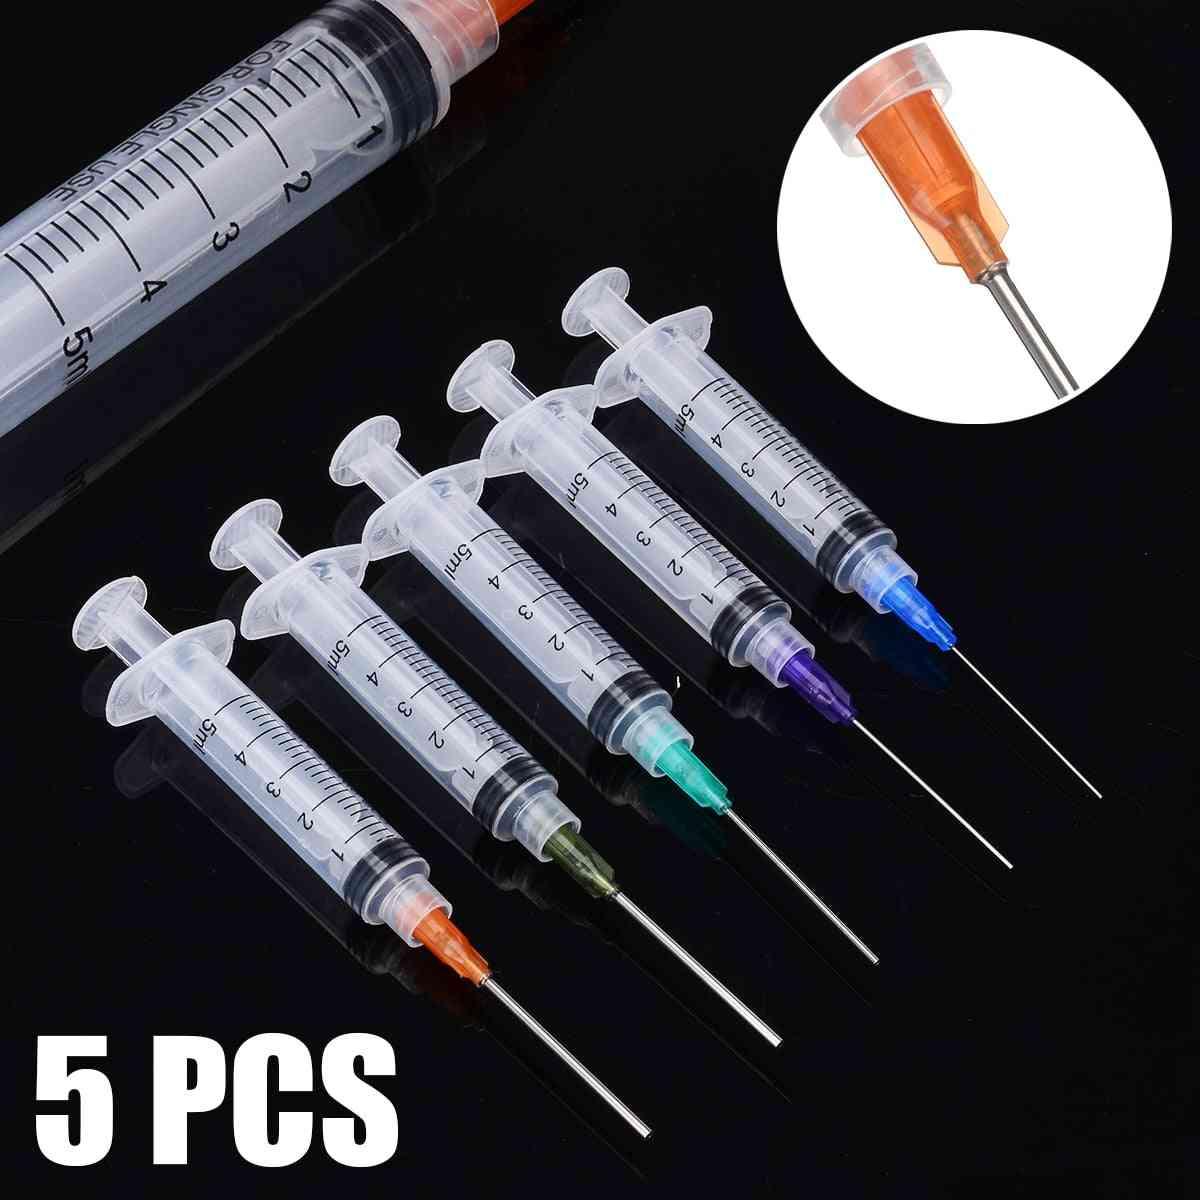 5ml Capacity Syringe -crimp Sealed-blunt Needle Tips